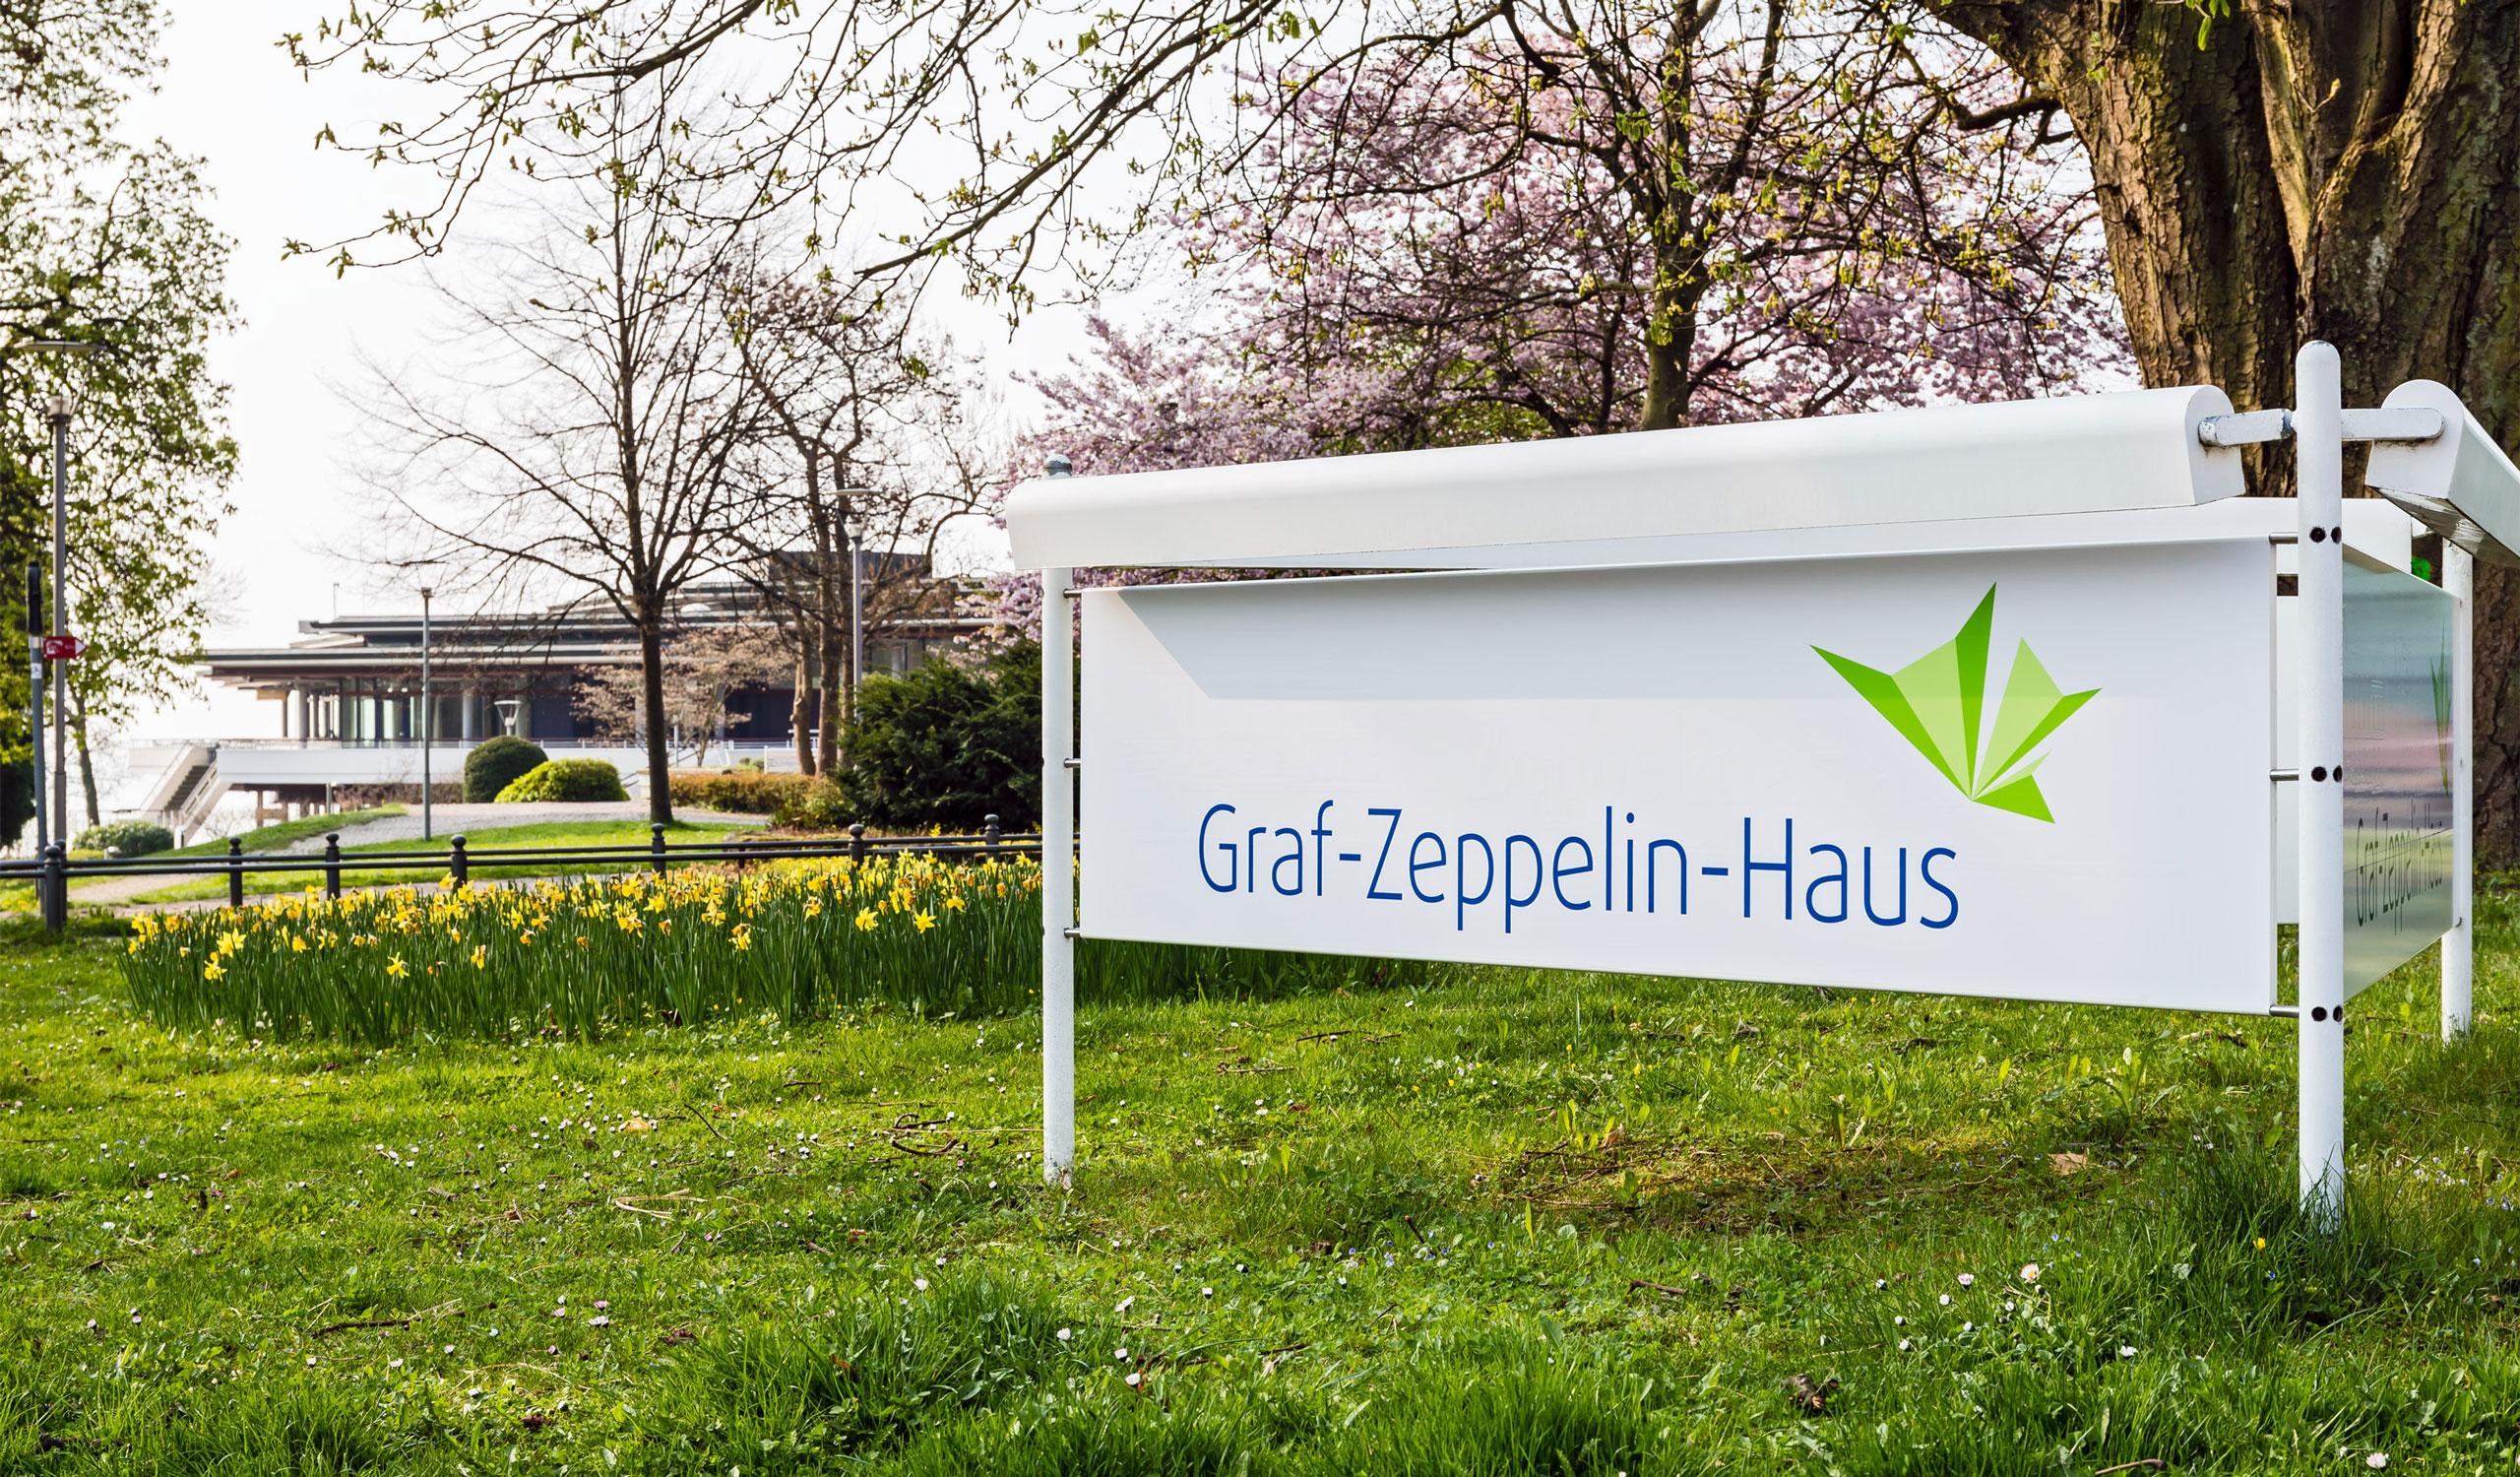 Startseite Graf Zeppelin Haus Friedrichshafen